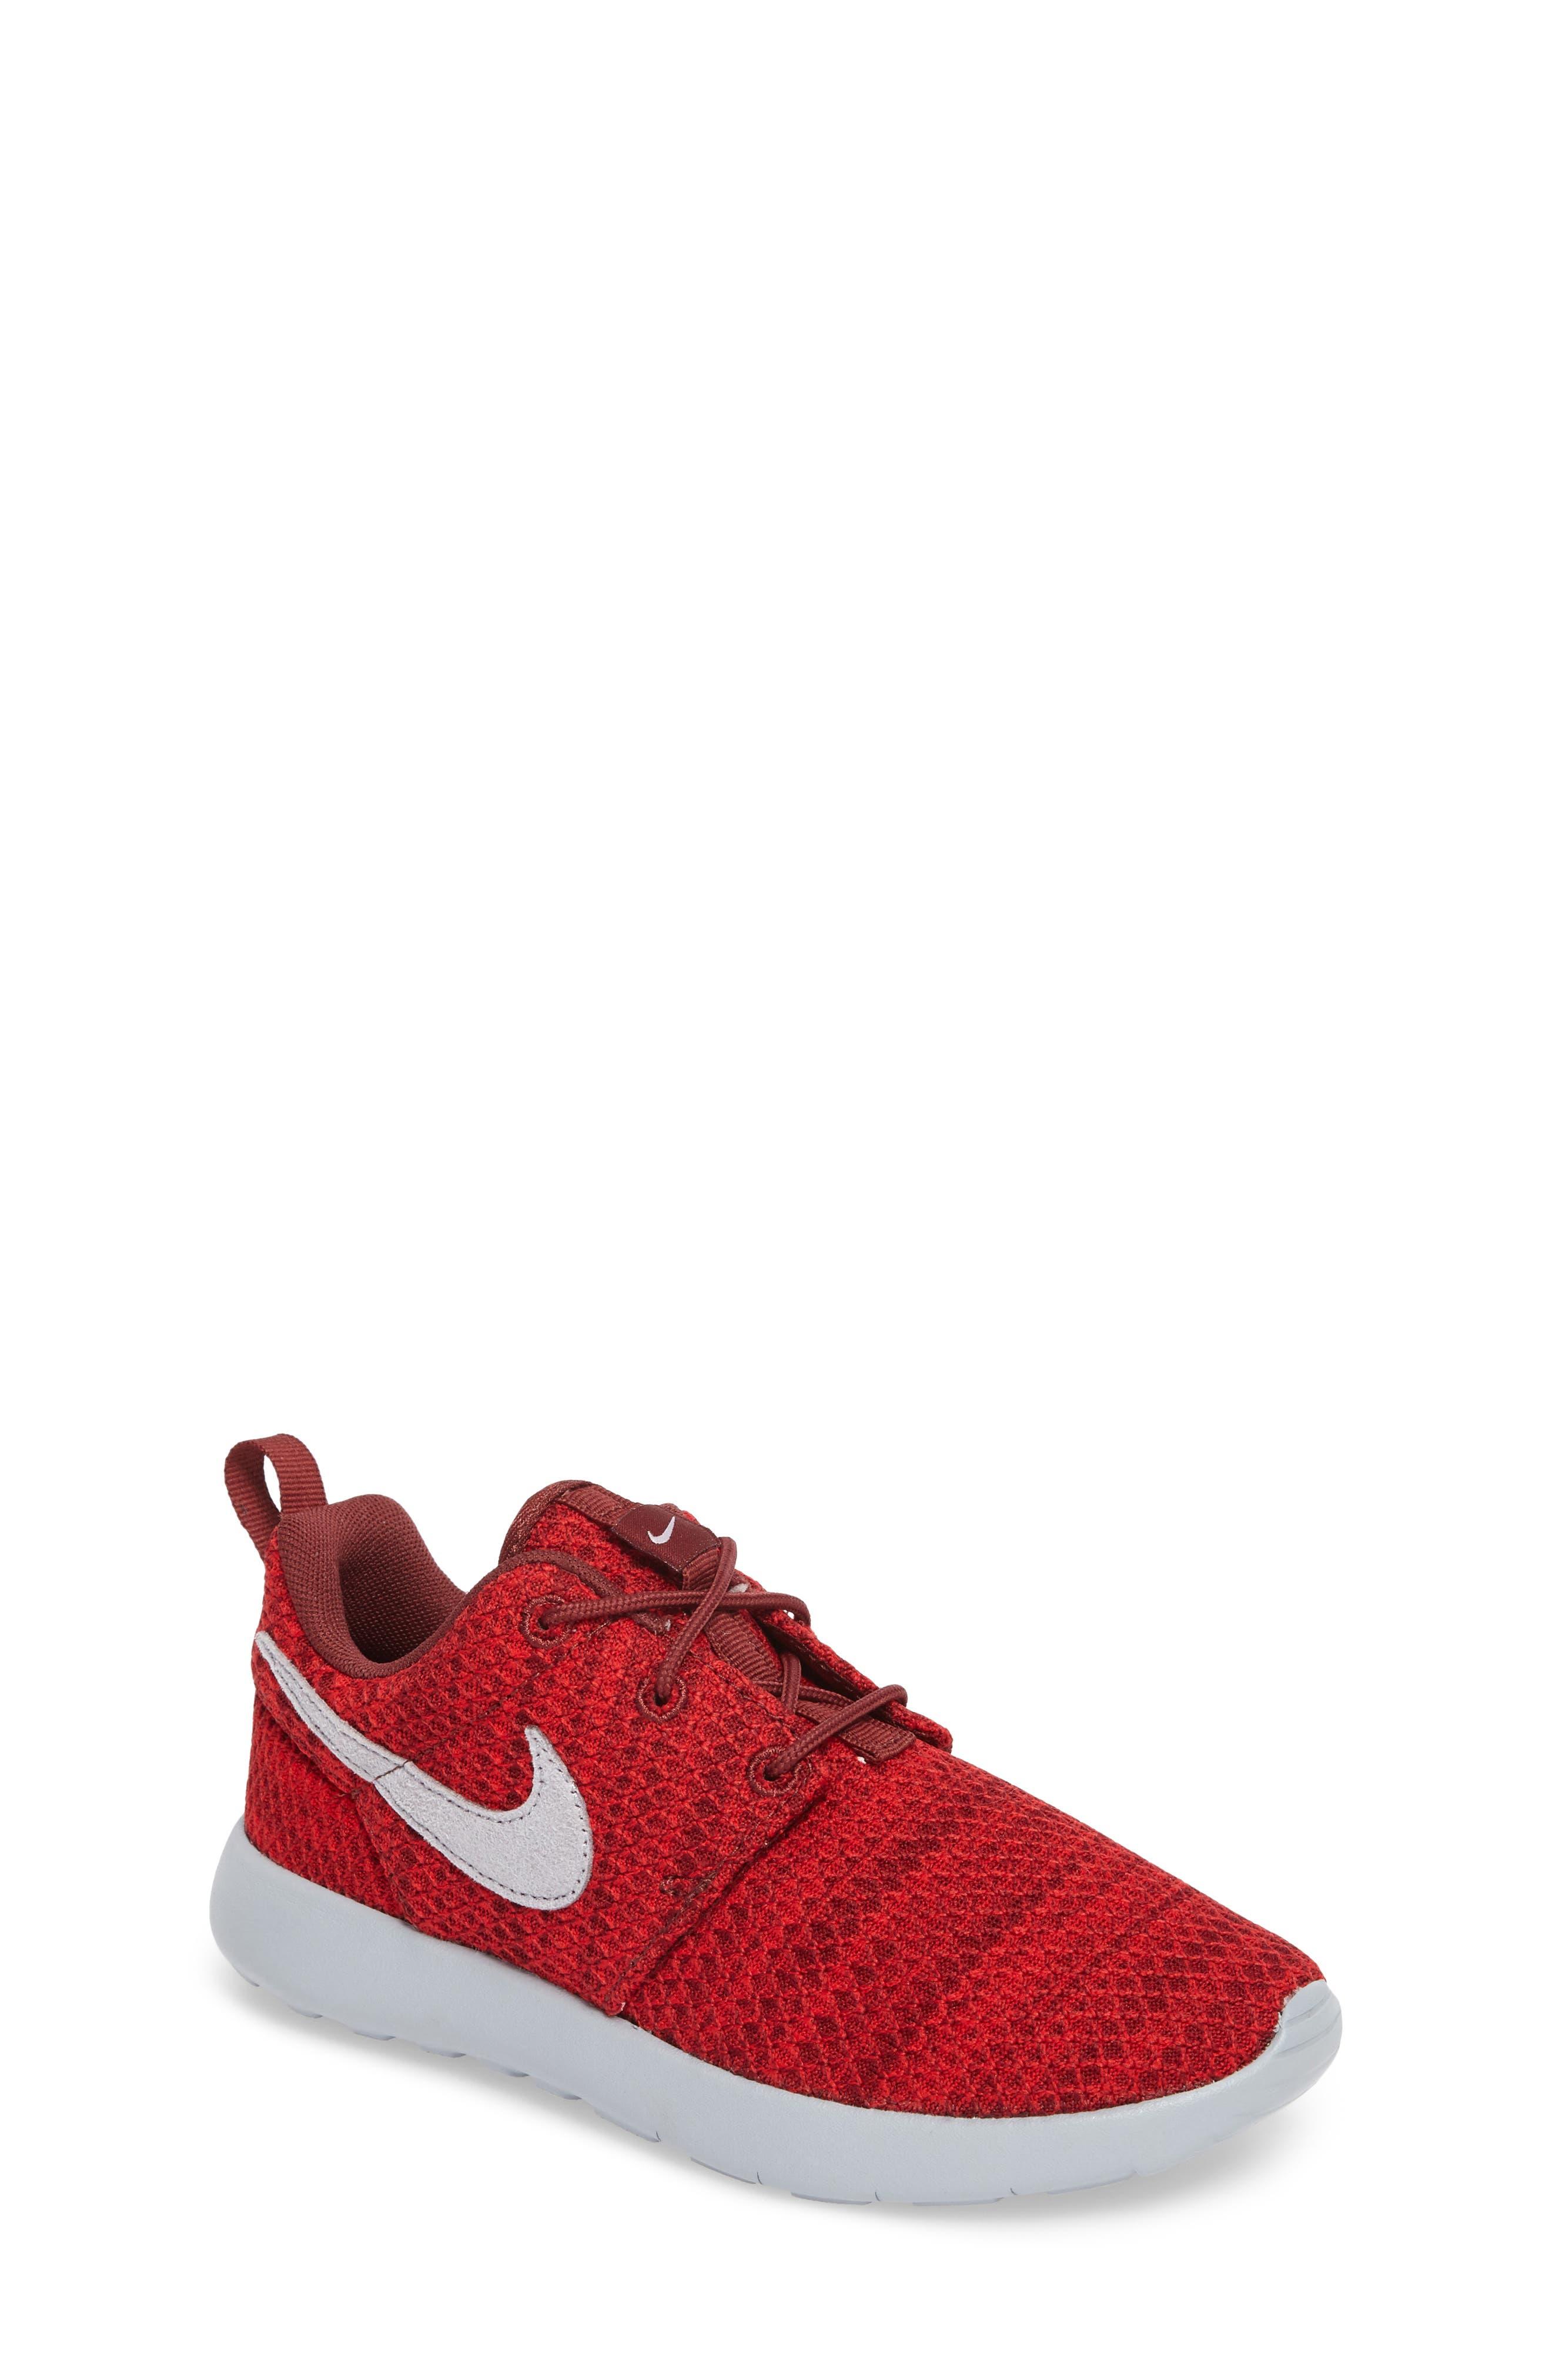 Main Image - Nike Roshe Run Sneaker (Toddler & Little Kid)